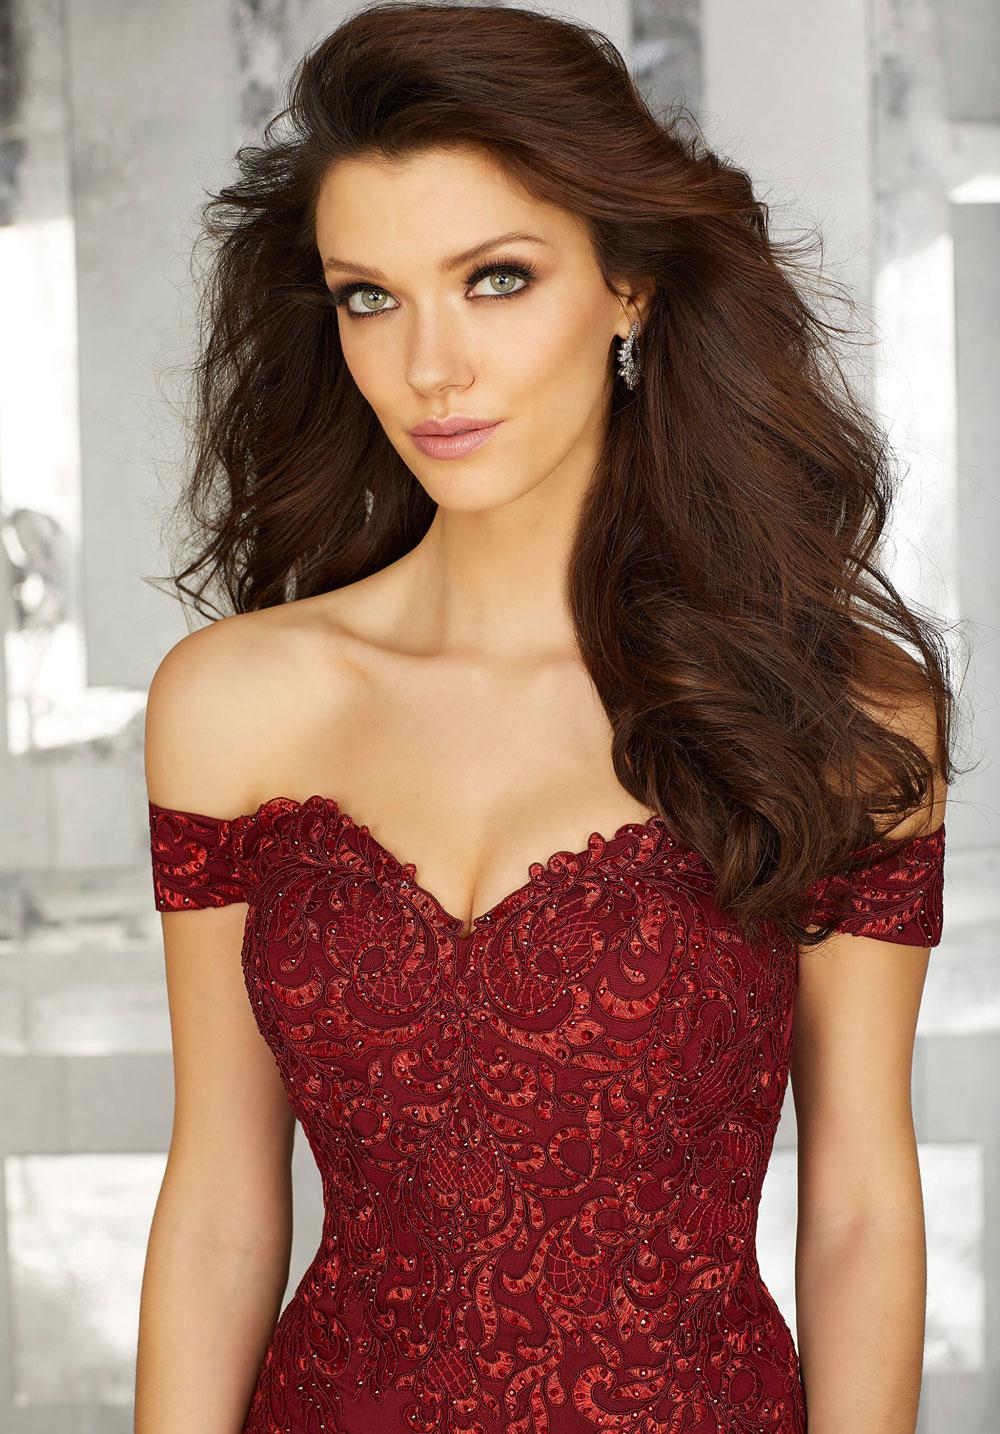 Crepe evening dress with lace appliqués